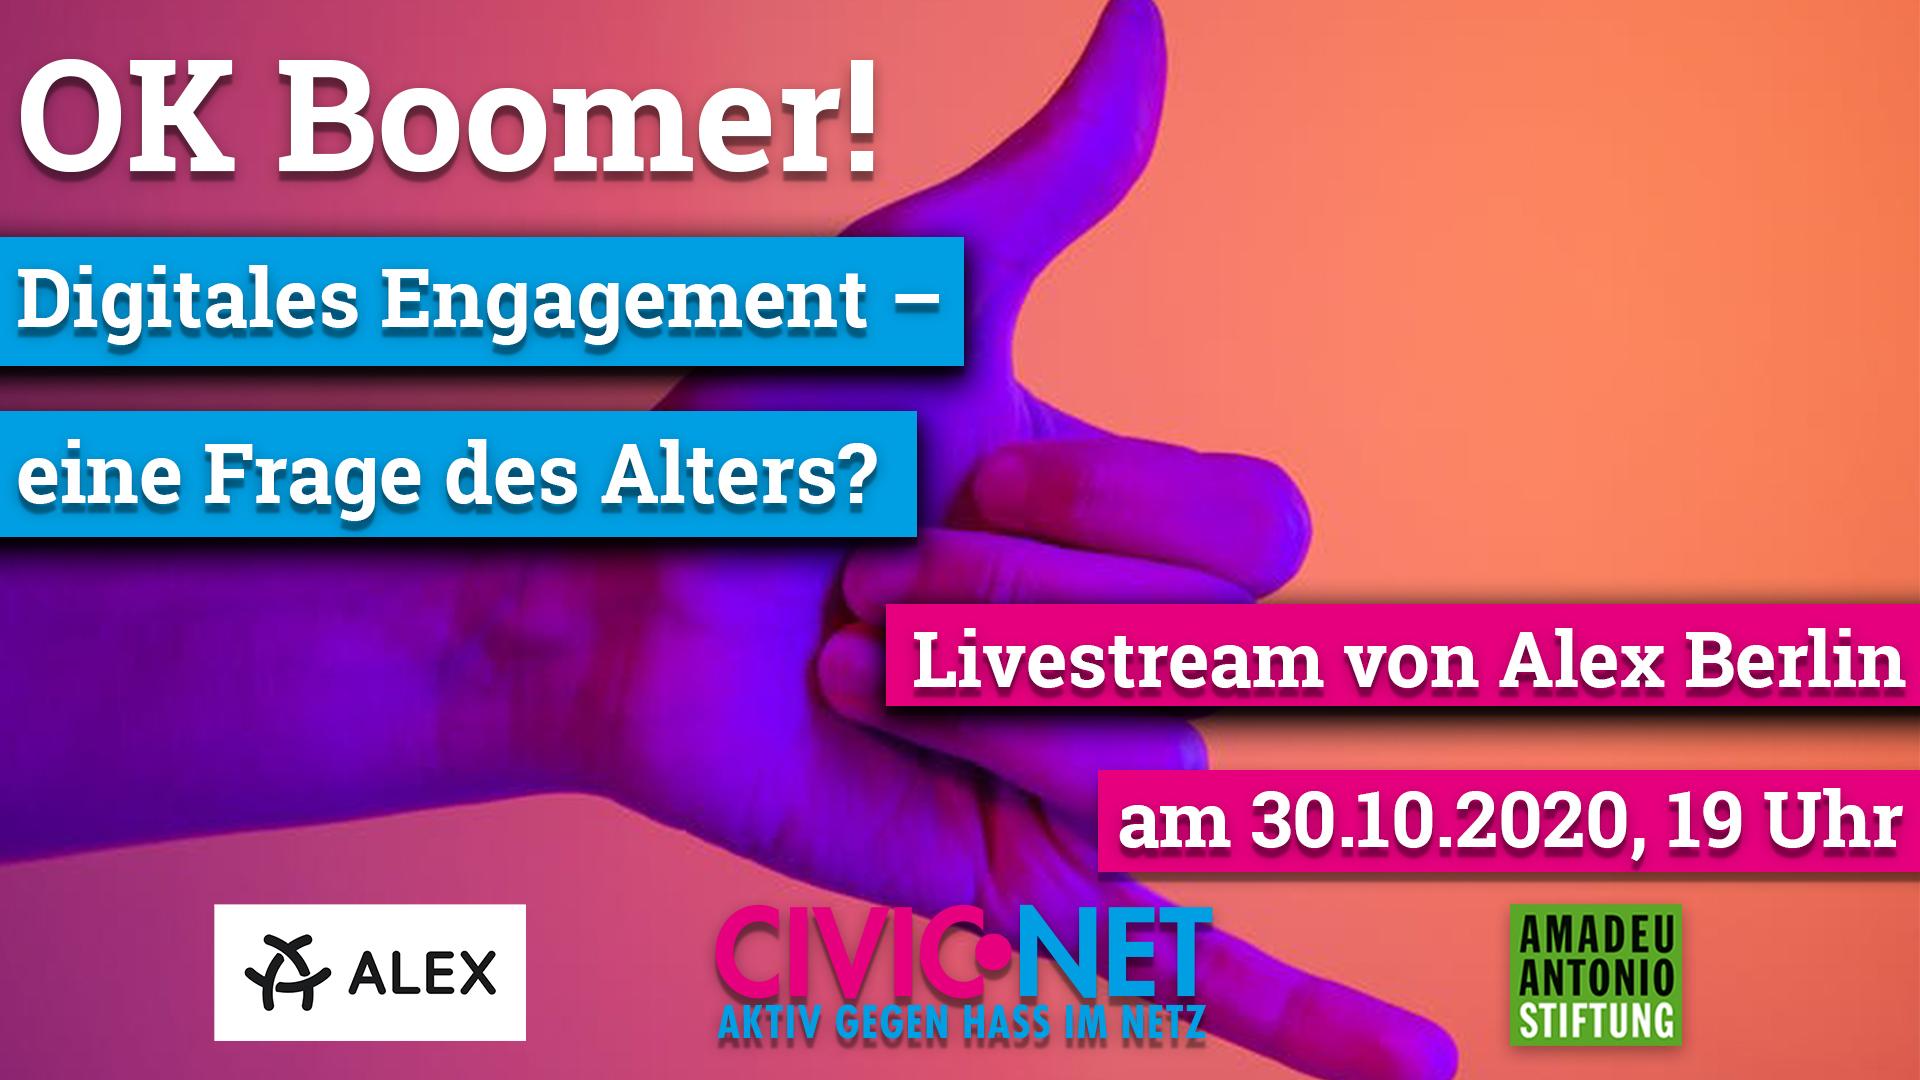 civic.net_boomer-fb (2)